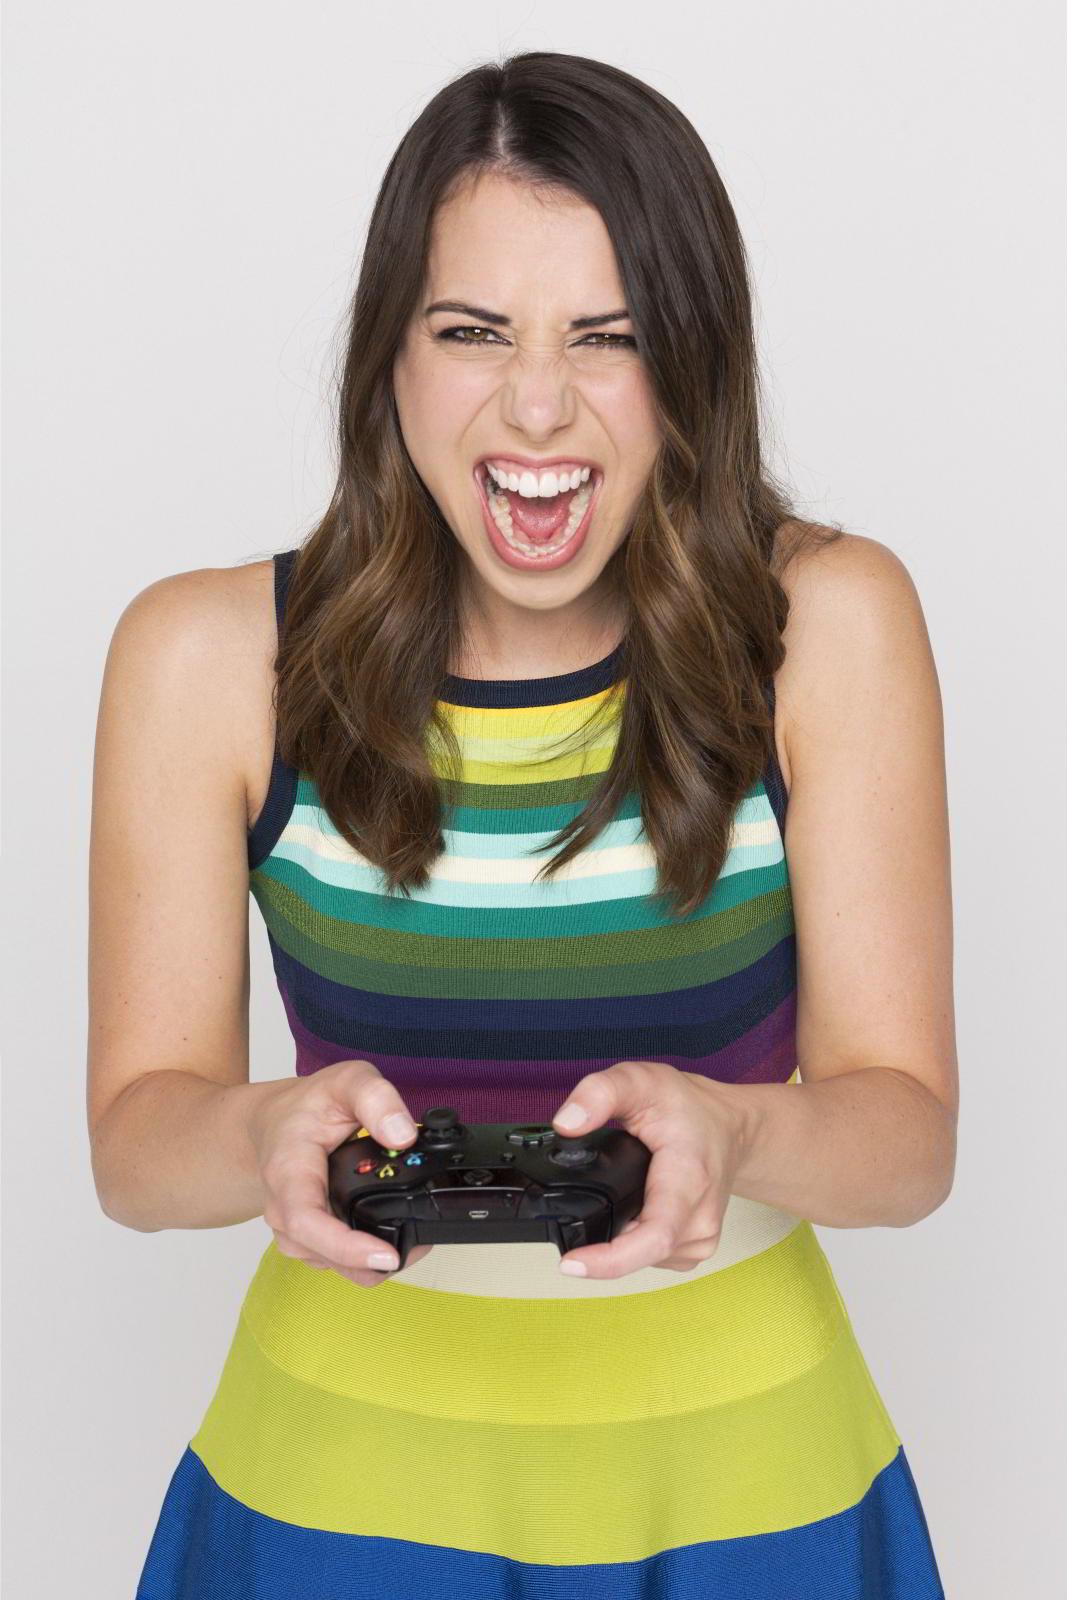 laura bailey voice actress - photo #18